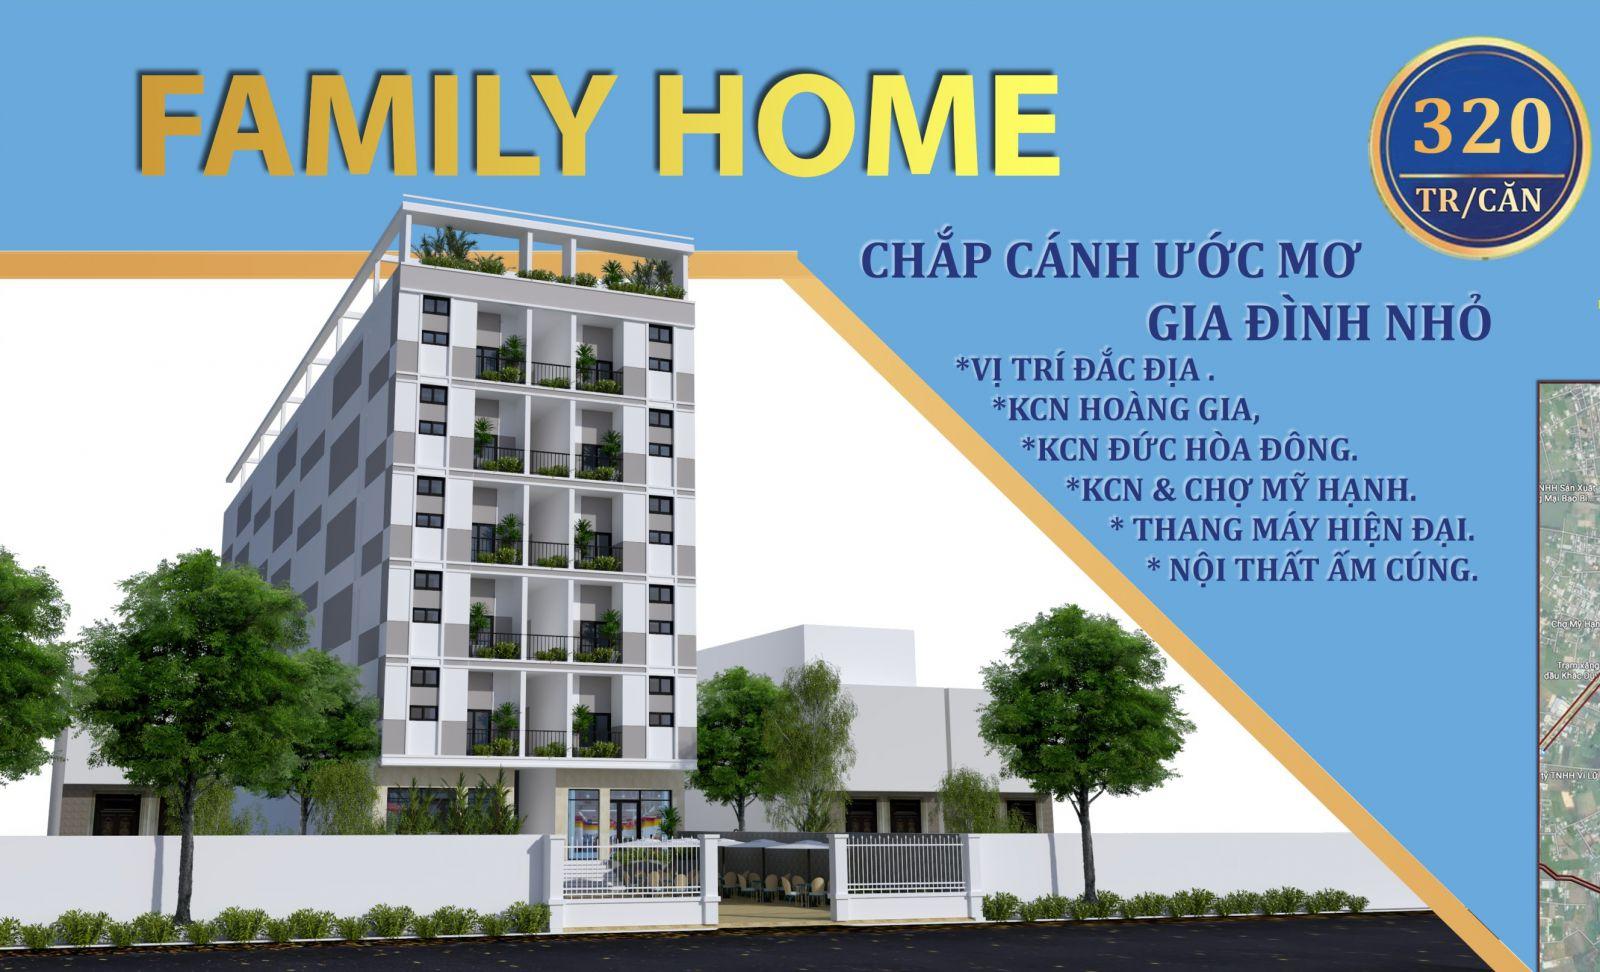 giá căn hộ family home